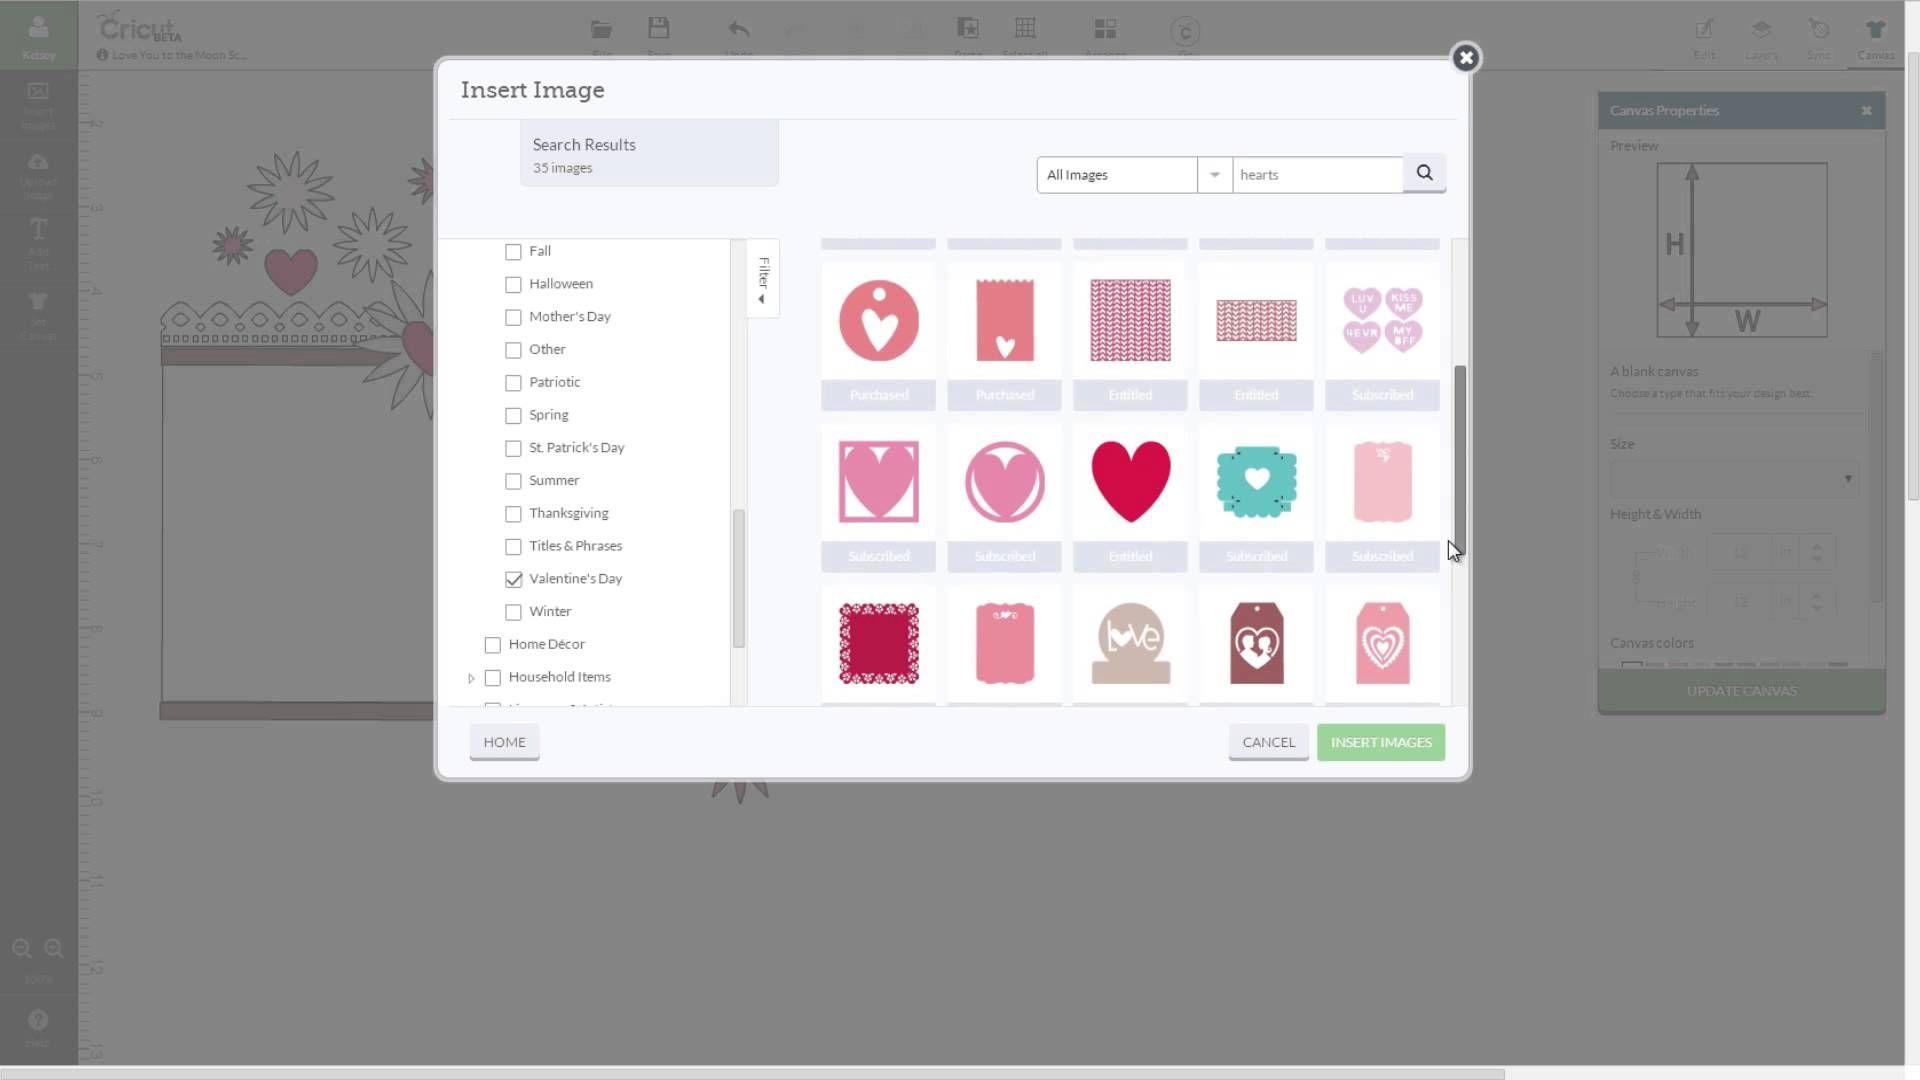 Cricut Craft Room Help: Cricut Design Space - Image Search (+playlist)